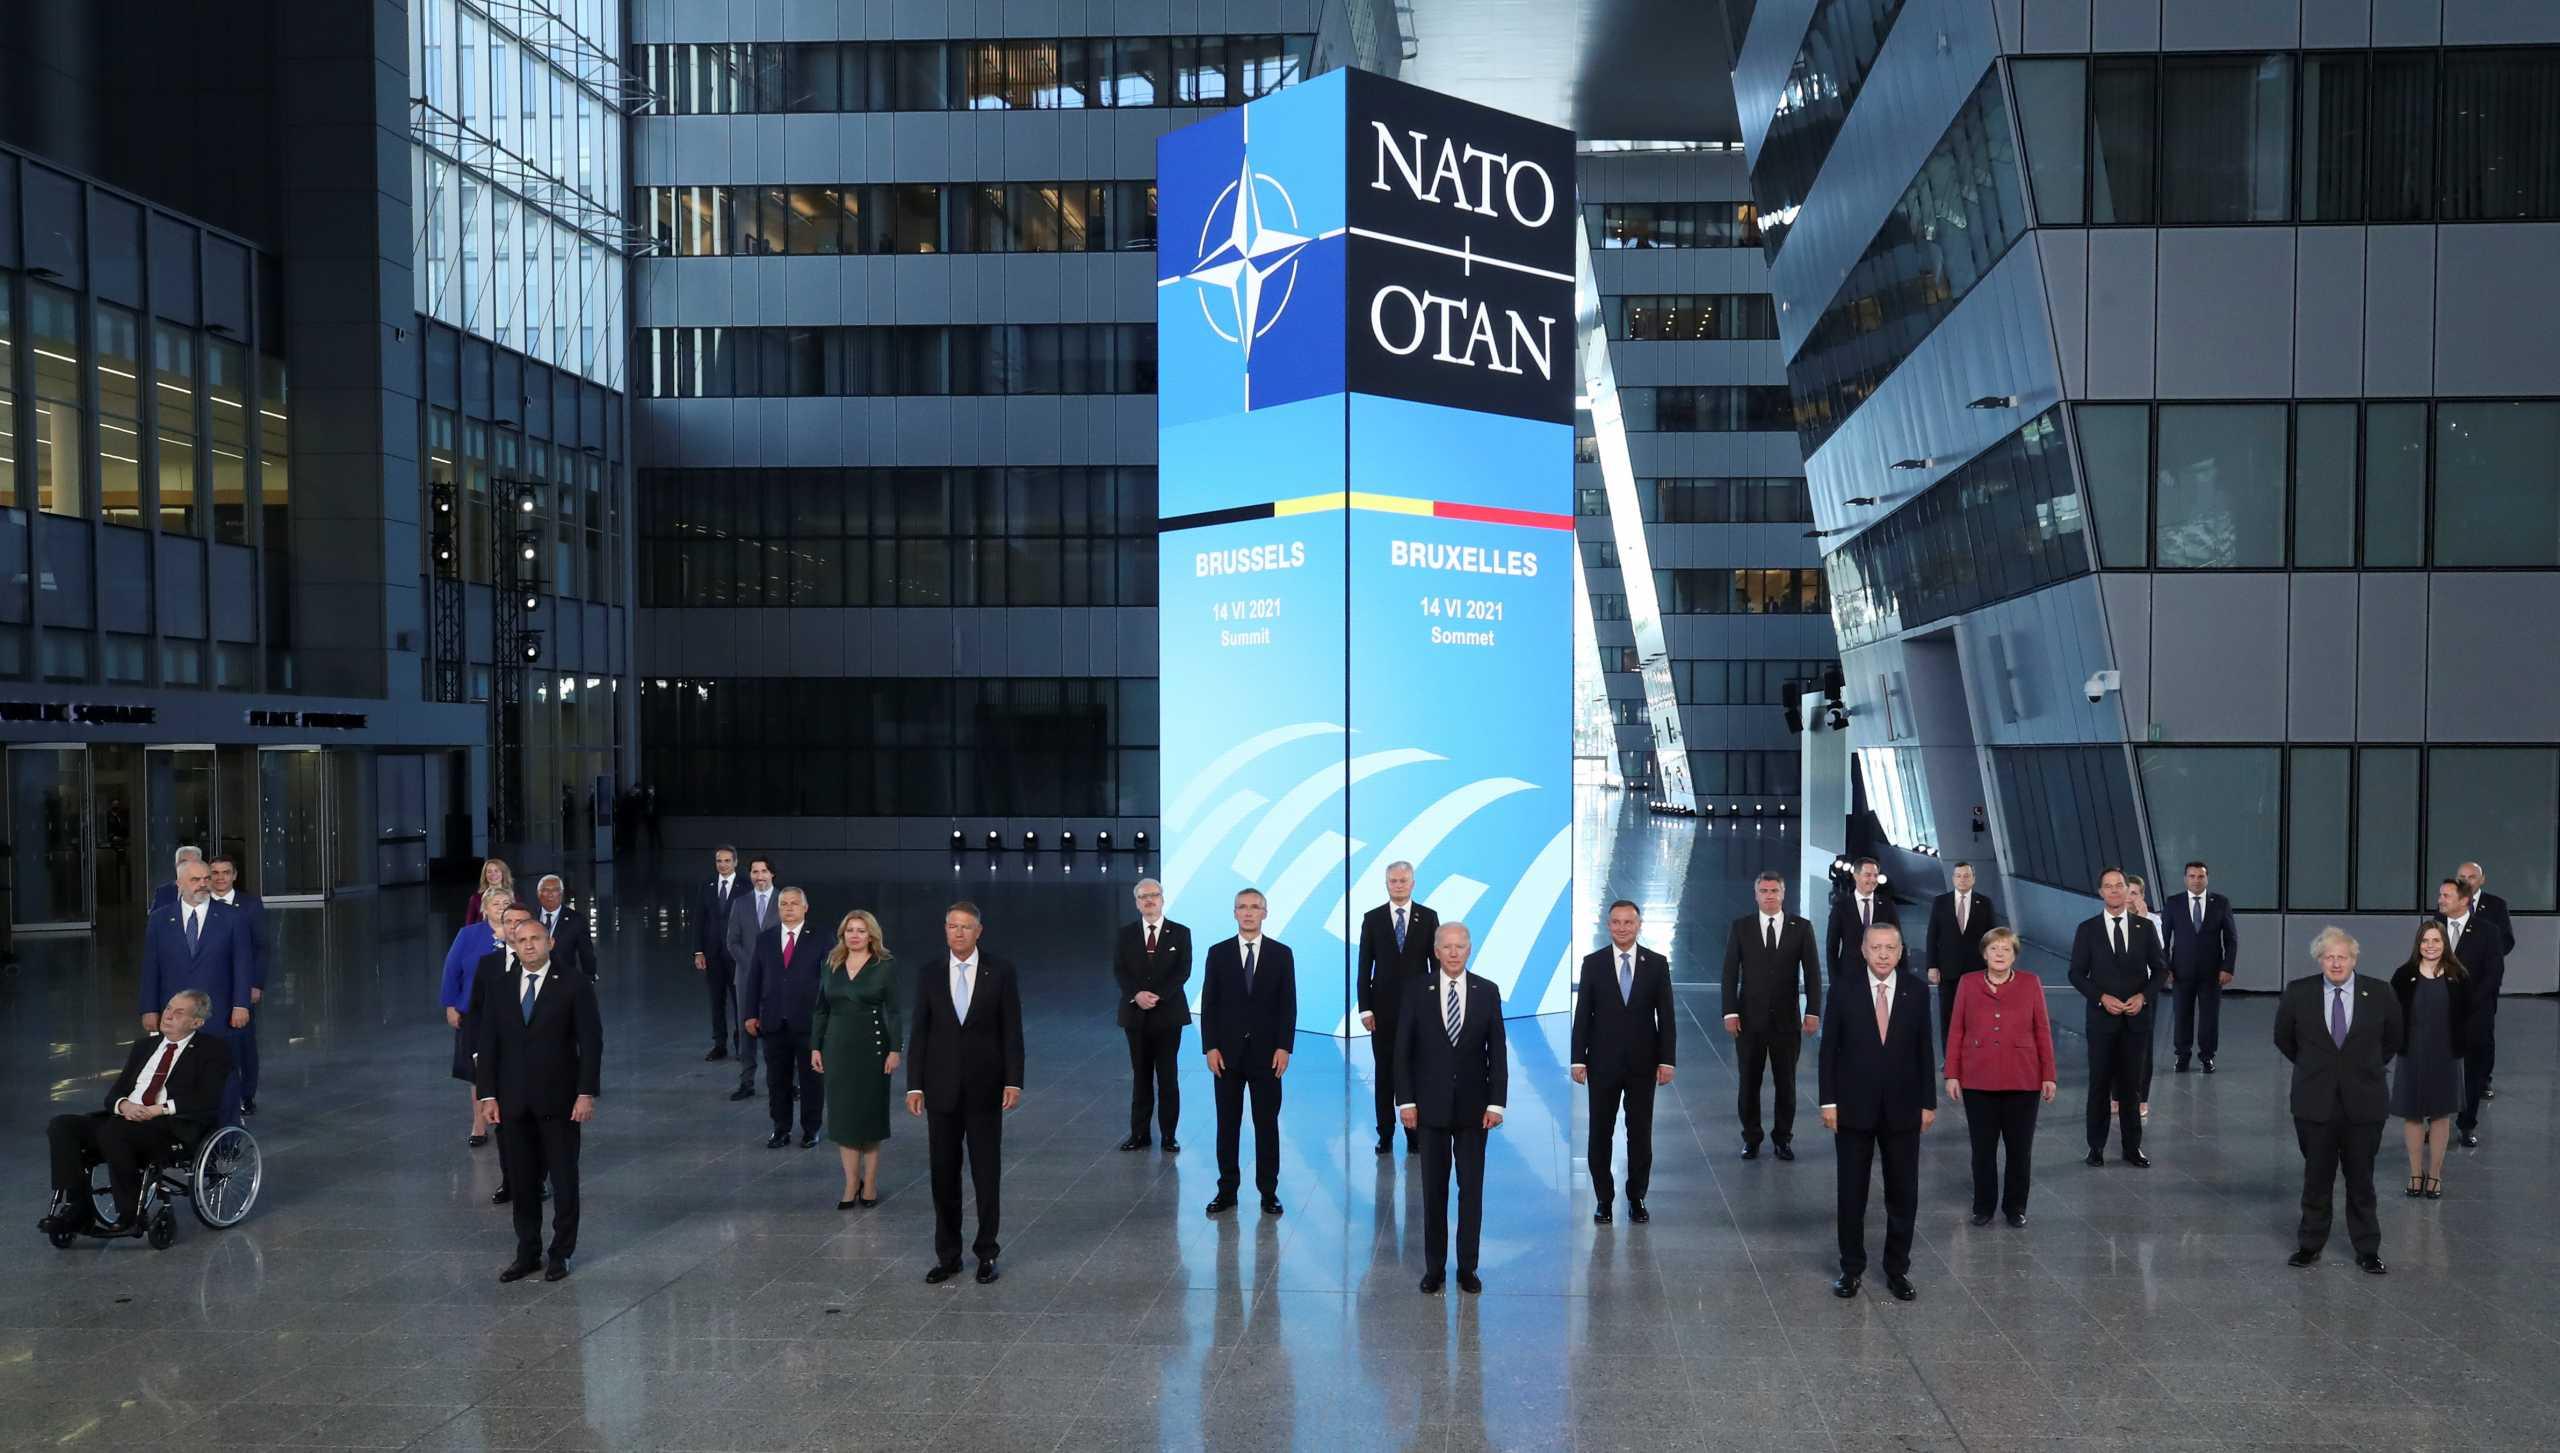 Σύνοδος ΝΑΤΟ: «Τείχος προστασίας» στα ελληνικά συμφέροντα απέναντι στις τουρκικές προκλήσεις